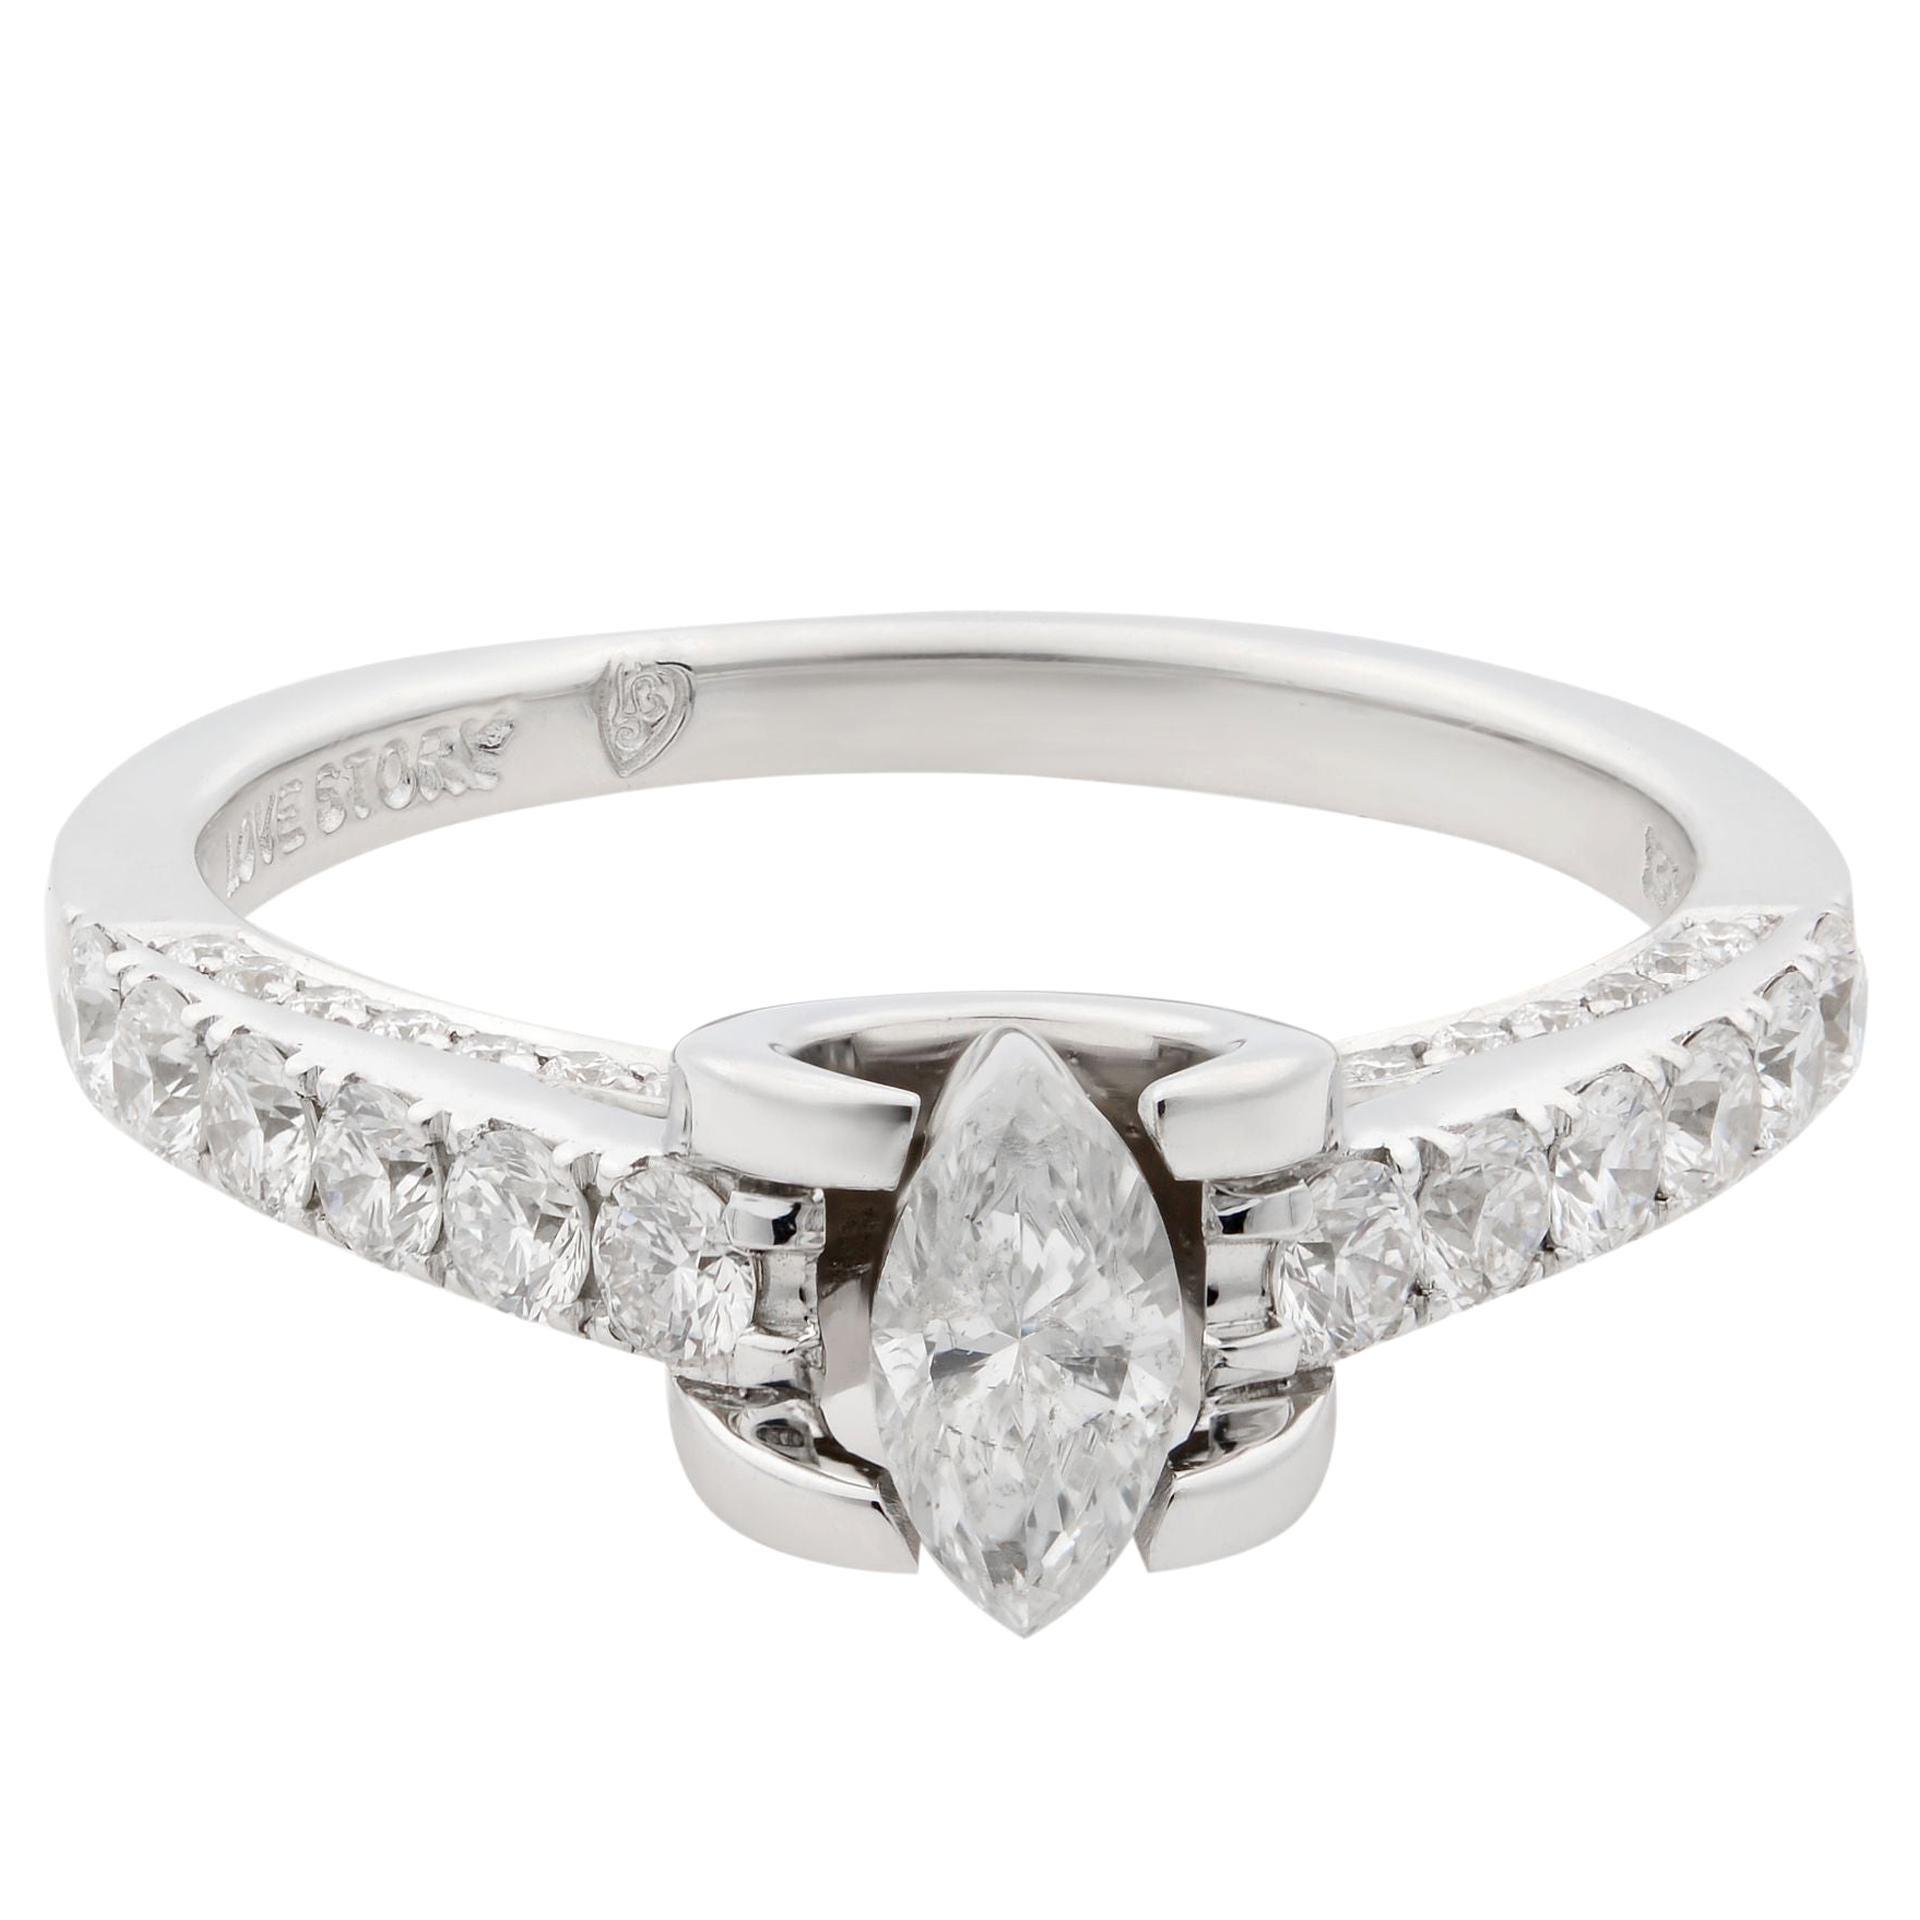 Rachel Koen 14 Karat White Gold Diamond Accented Ladies Ring 1.05 Carat